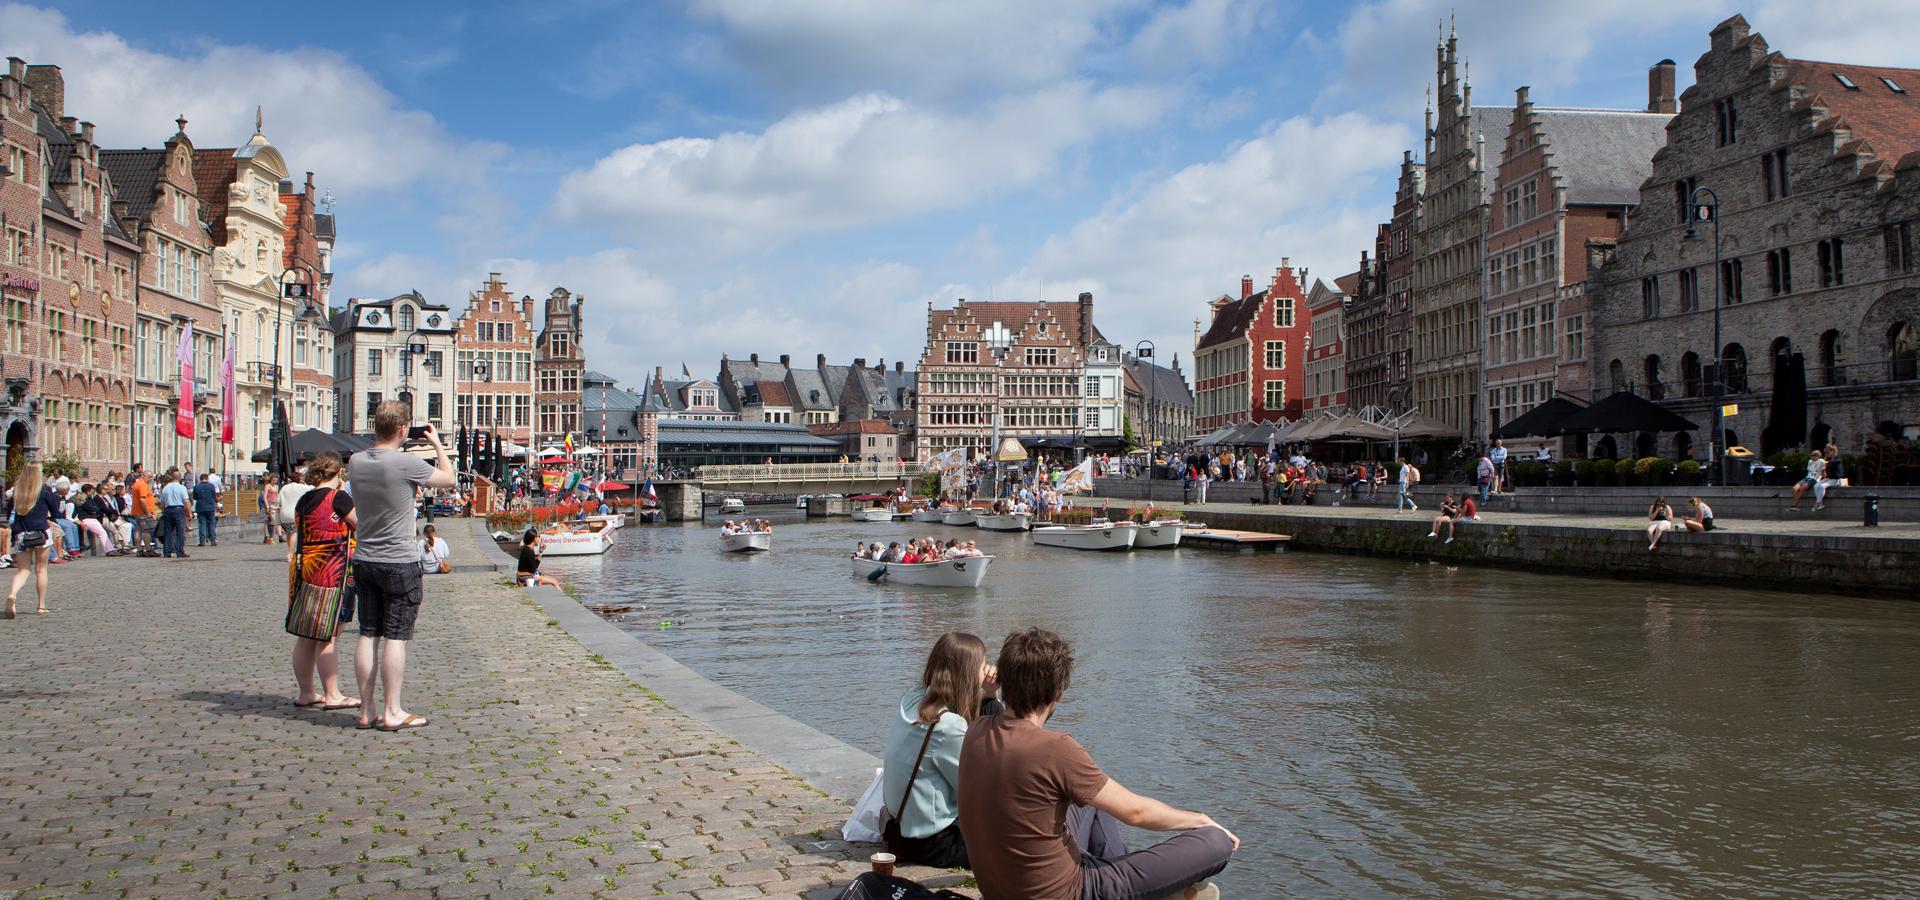 Peer-to-peer advisory in Ghent, East Flanders Province, The Flemish Region, Belgium